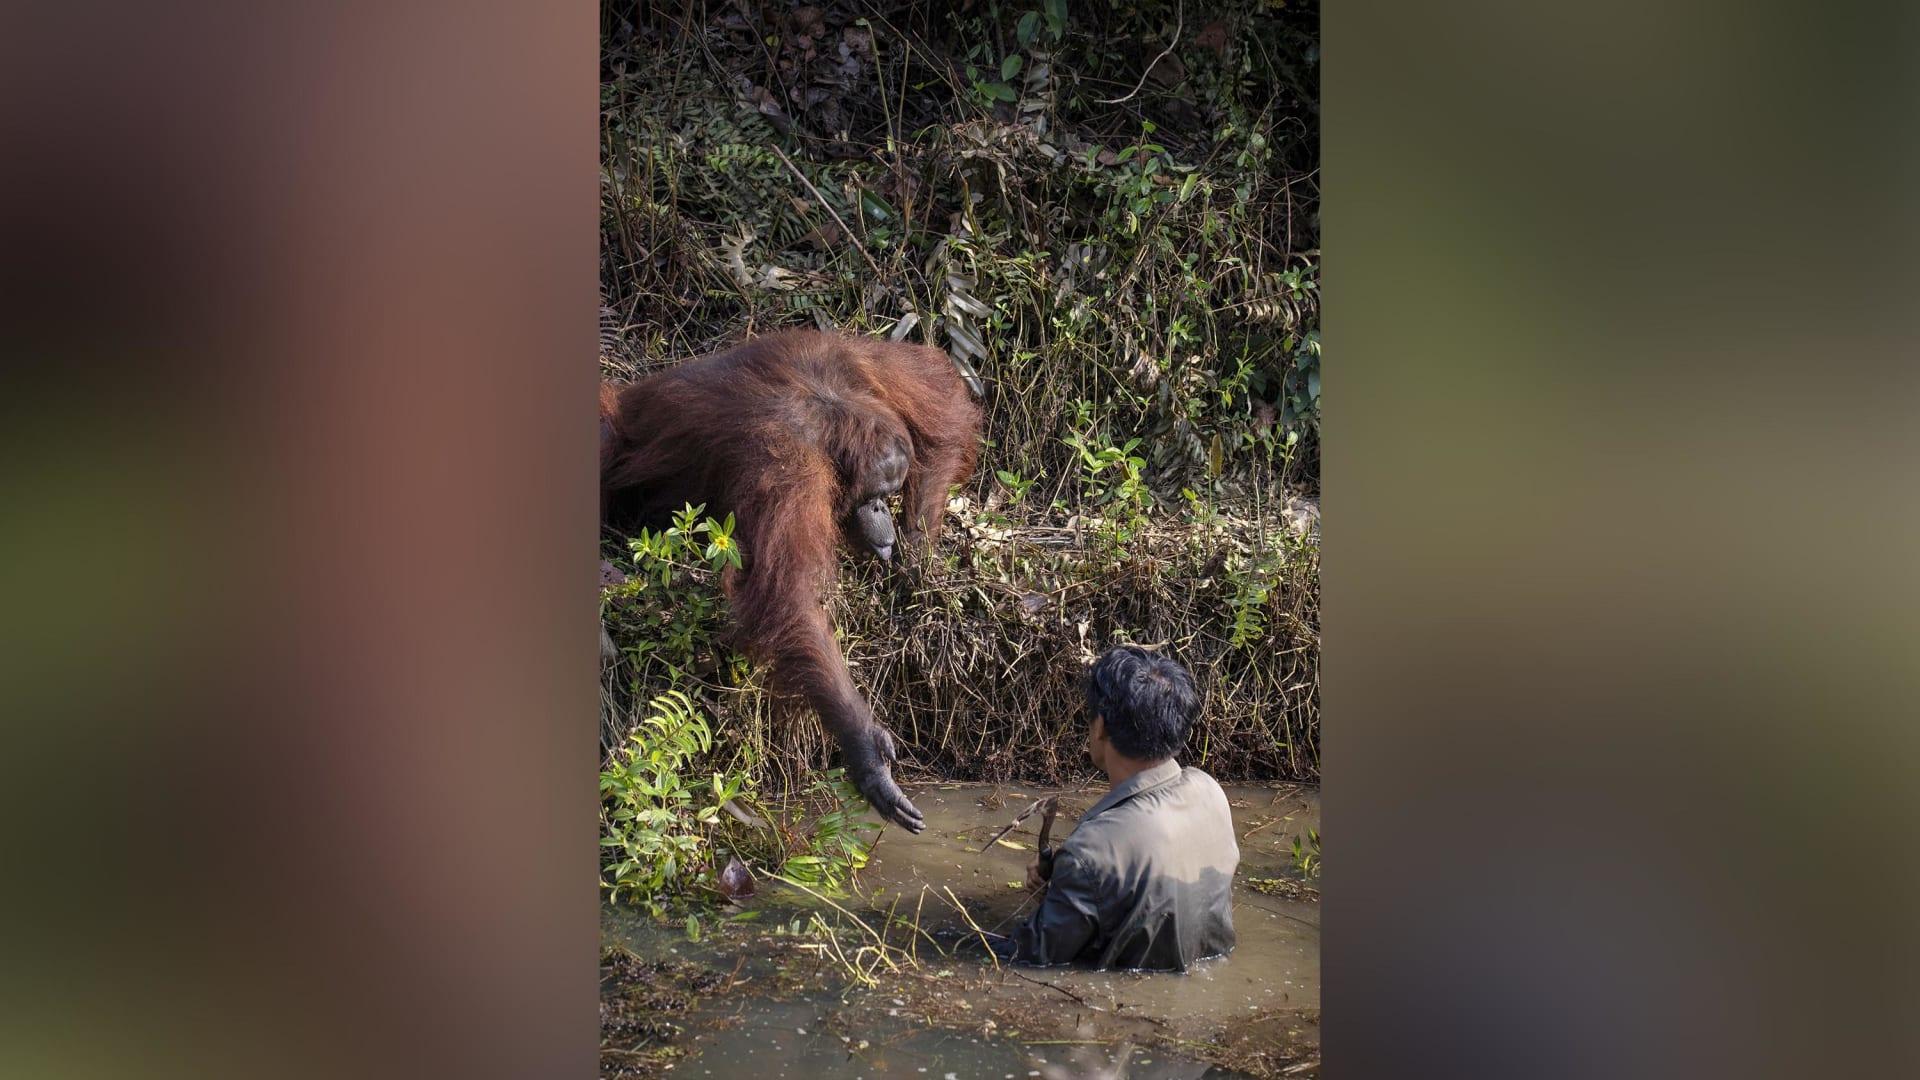 قرد إنسان الغاب يمد يده لمساعدة رجل يخوض في مياه مليئة بالثعابين